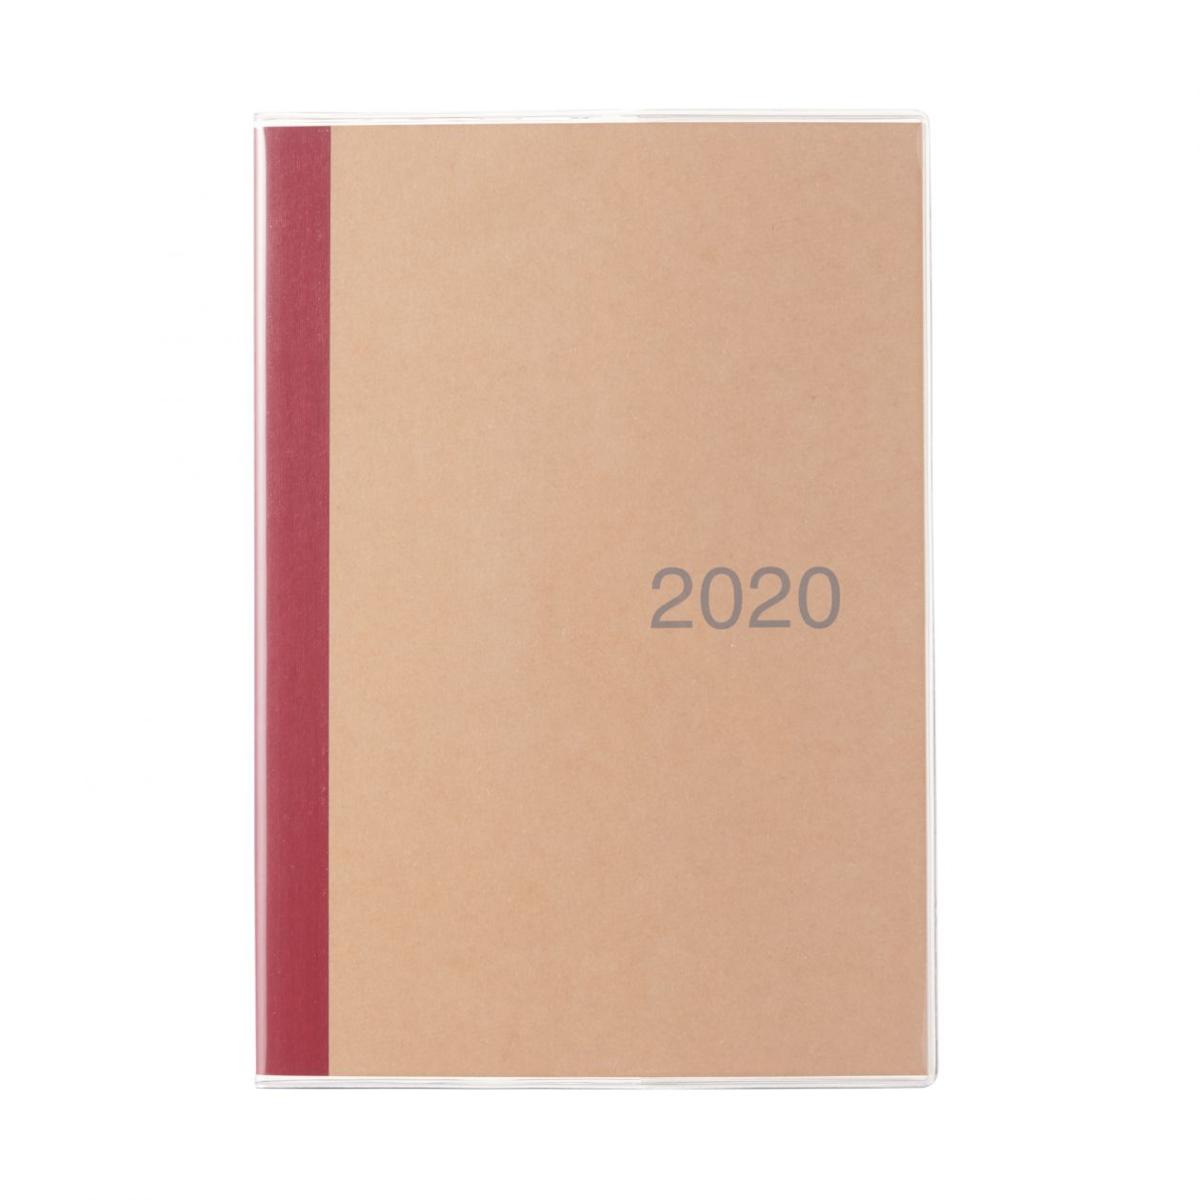 f:id:wanichan:20200211195505p:plain